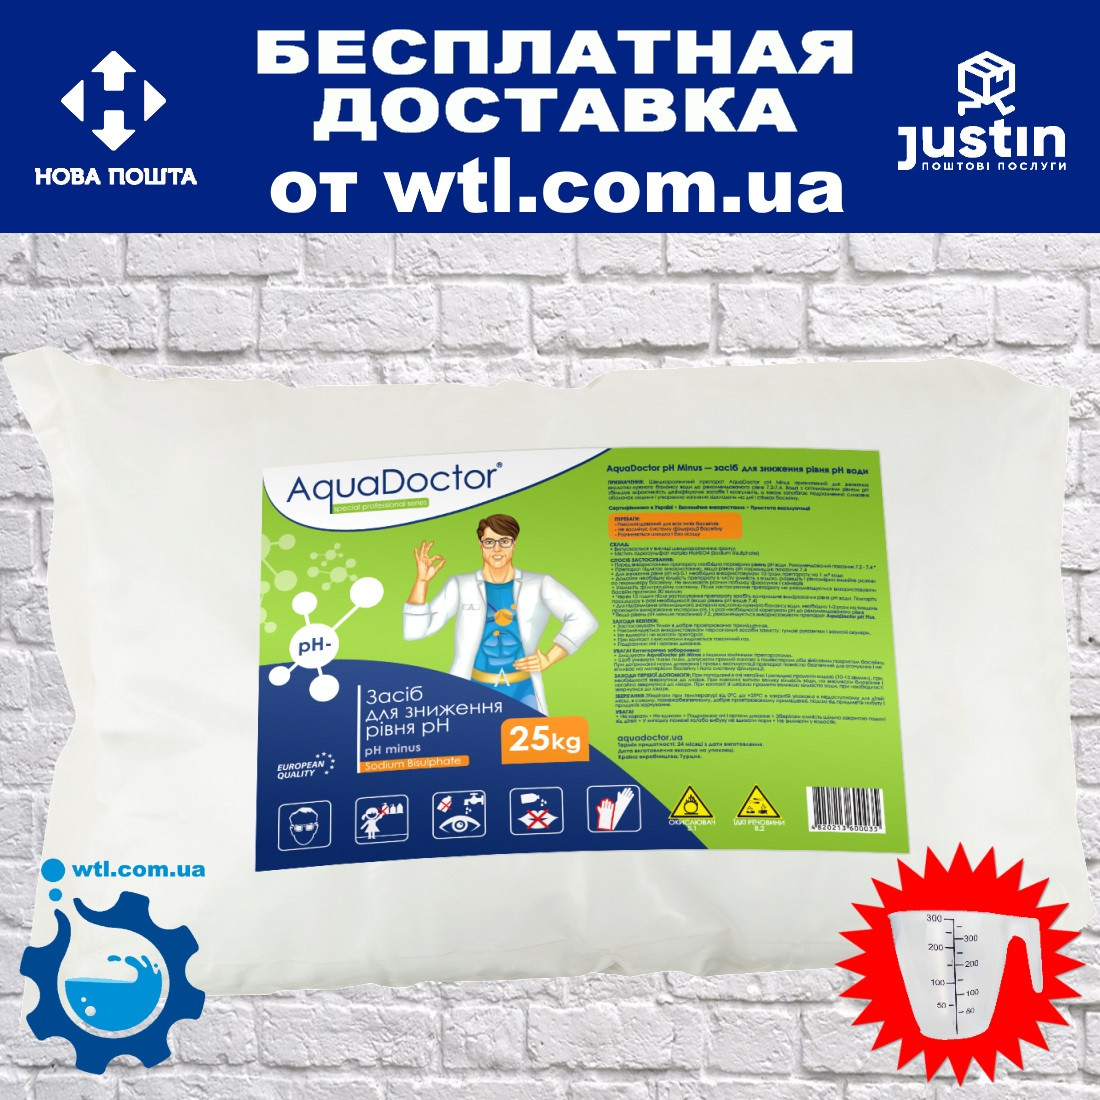 Засіб для зниження рівня pH Aquadoctor pH Minus 25 кг (мішок) Аквадоктор в гранулах